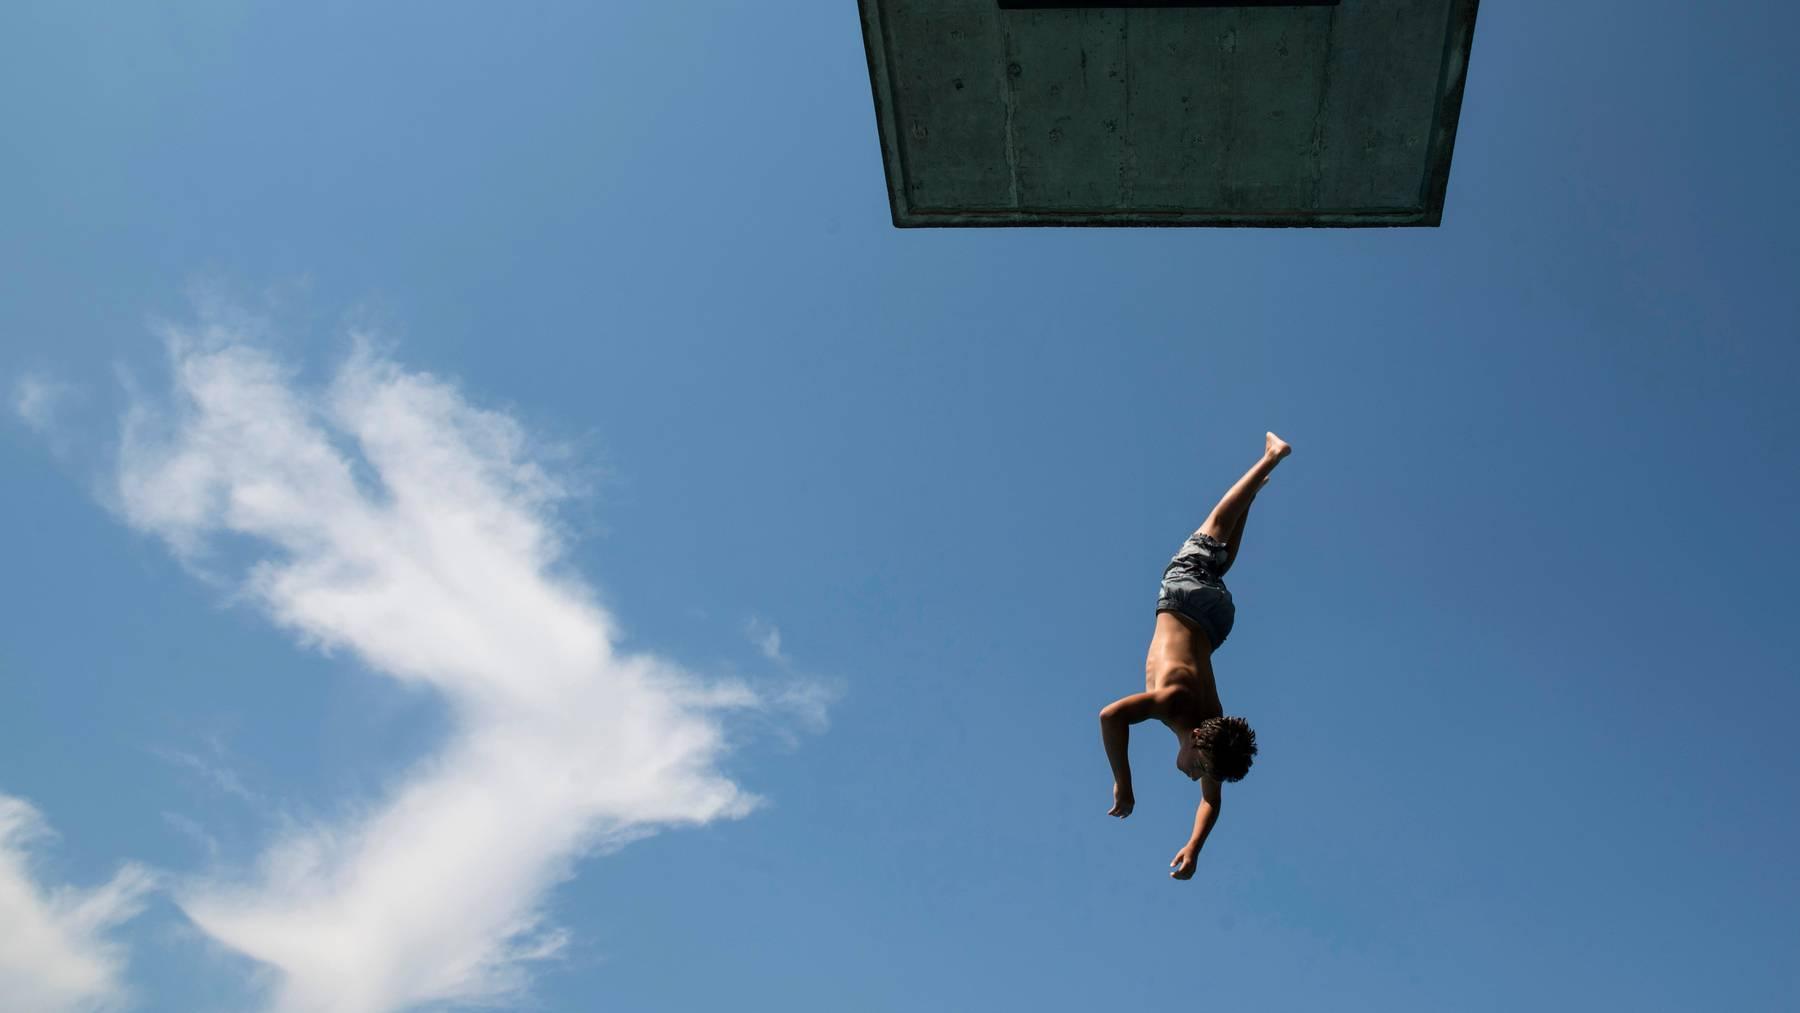 Vom Sprungbrett in den See springen kostet in Zürich auch im Jahr 2022. (Symbolbild)